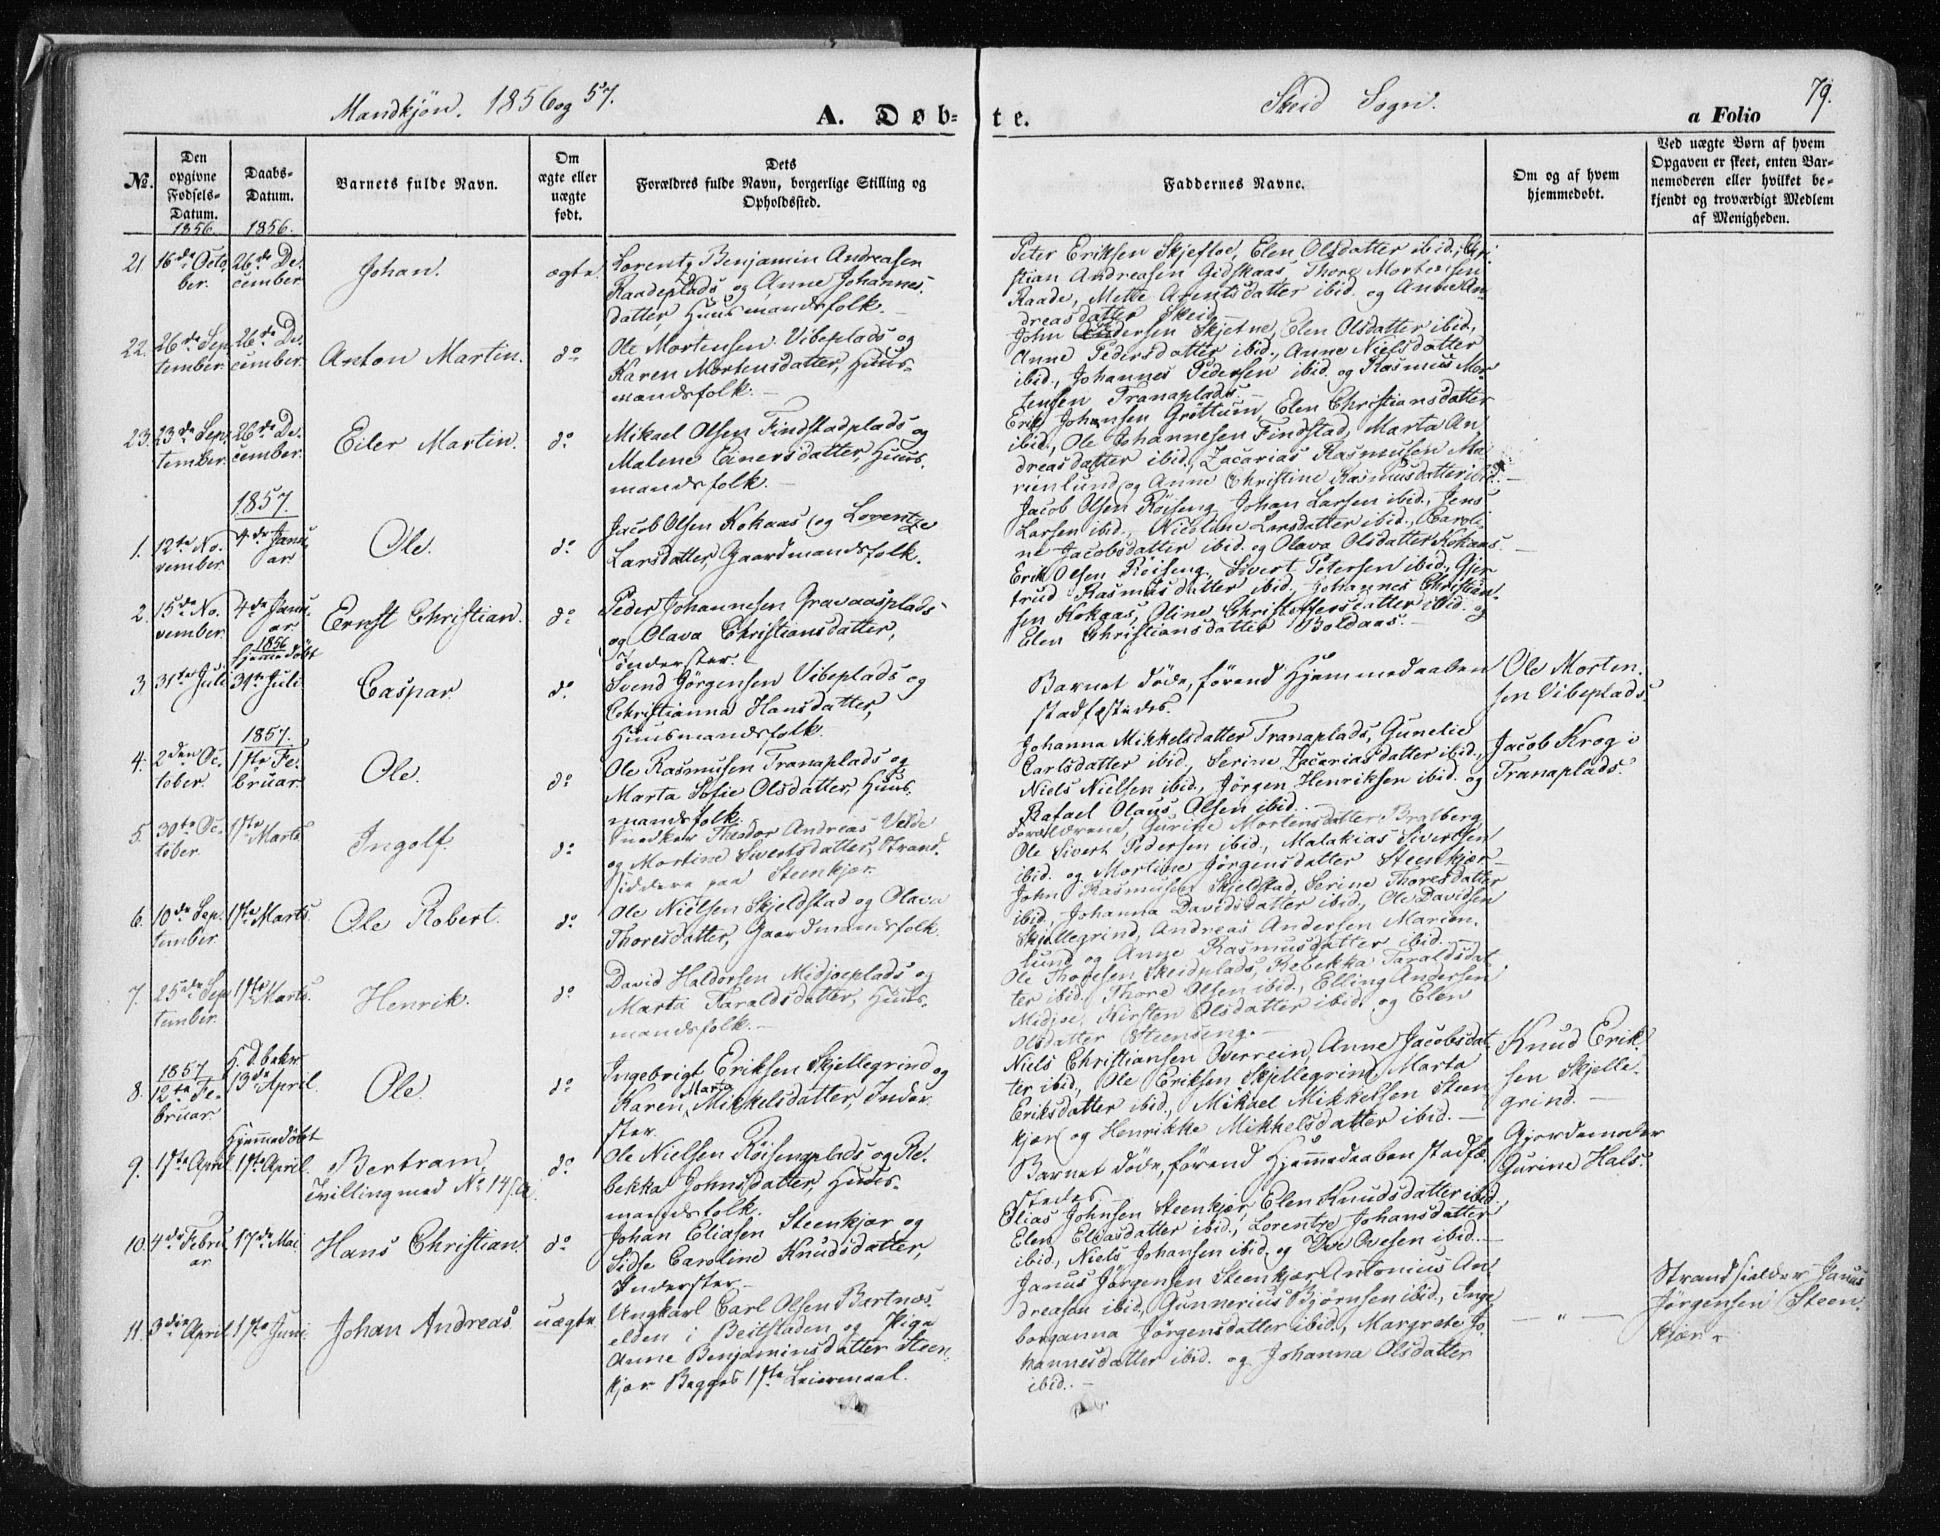 SAT, Ministerialprotokoller, klokkerbøker og fødselsregistre - Nord-Trøndelag, 735/L0342: Ministerialbok nr. 735A07 /2, 1849-1862, s. 79